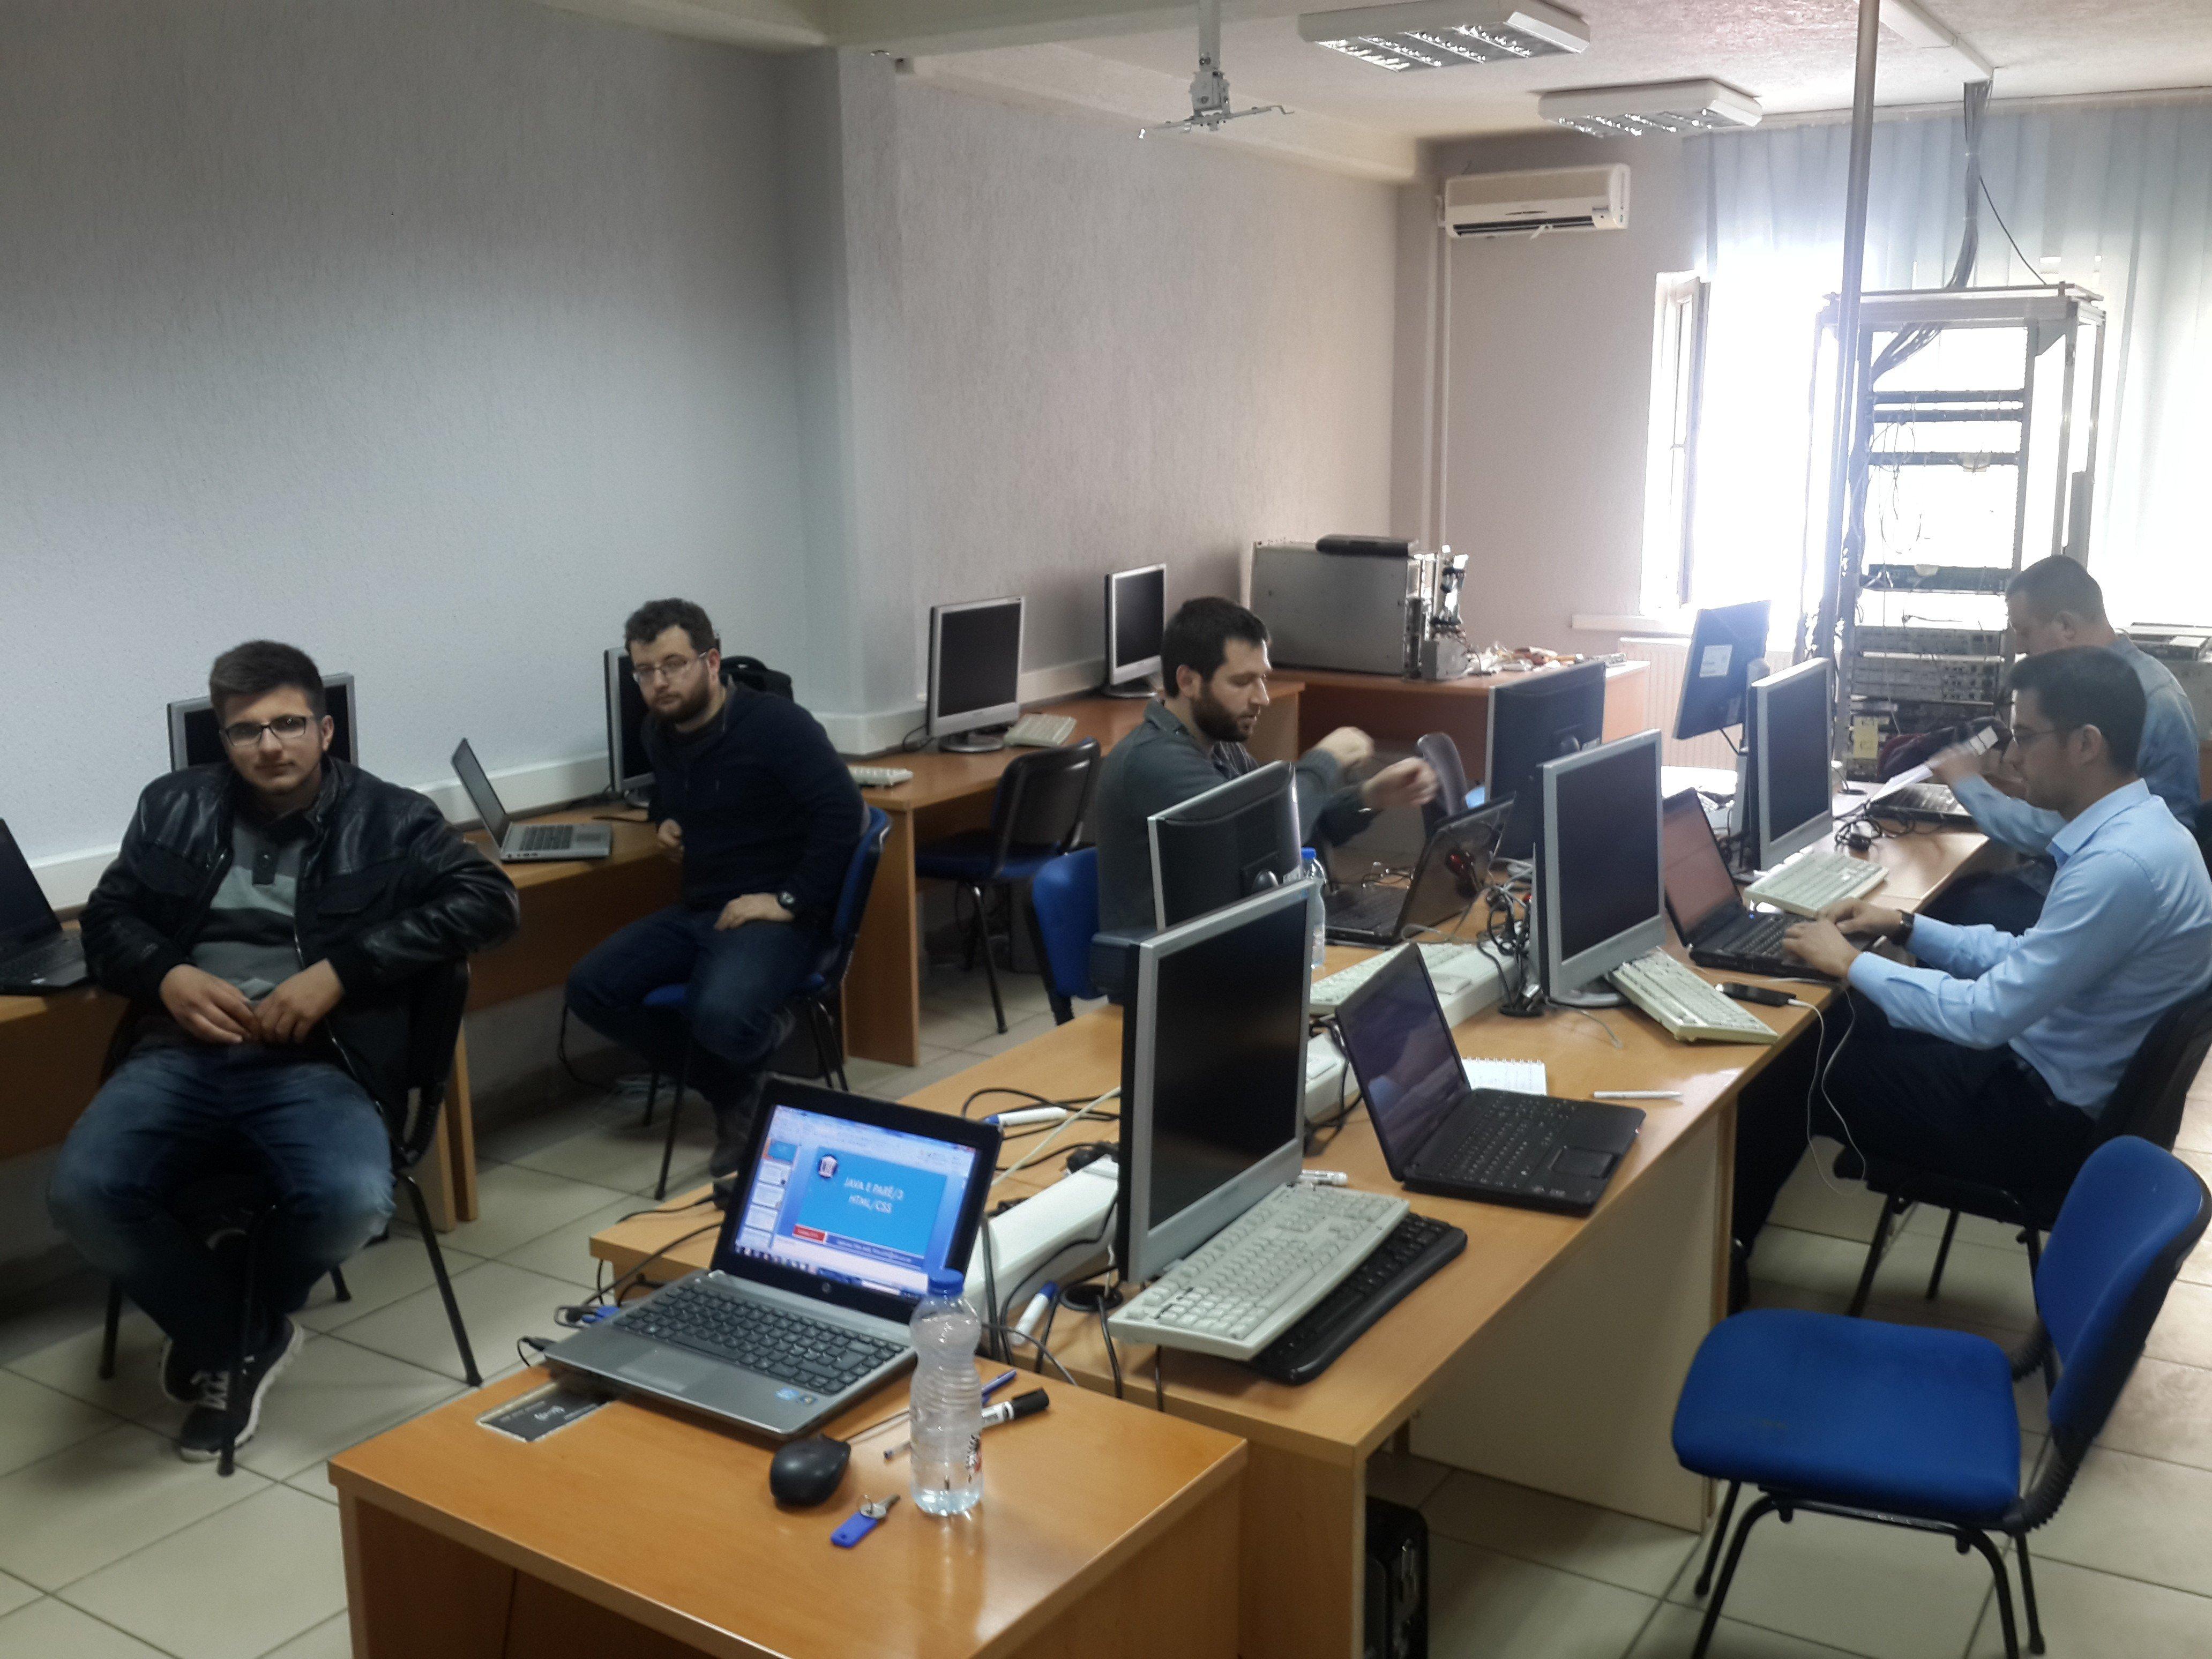 Vazhdojnë trajnimet në fushën e teknologjisë informative dhe të telekomunikimit